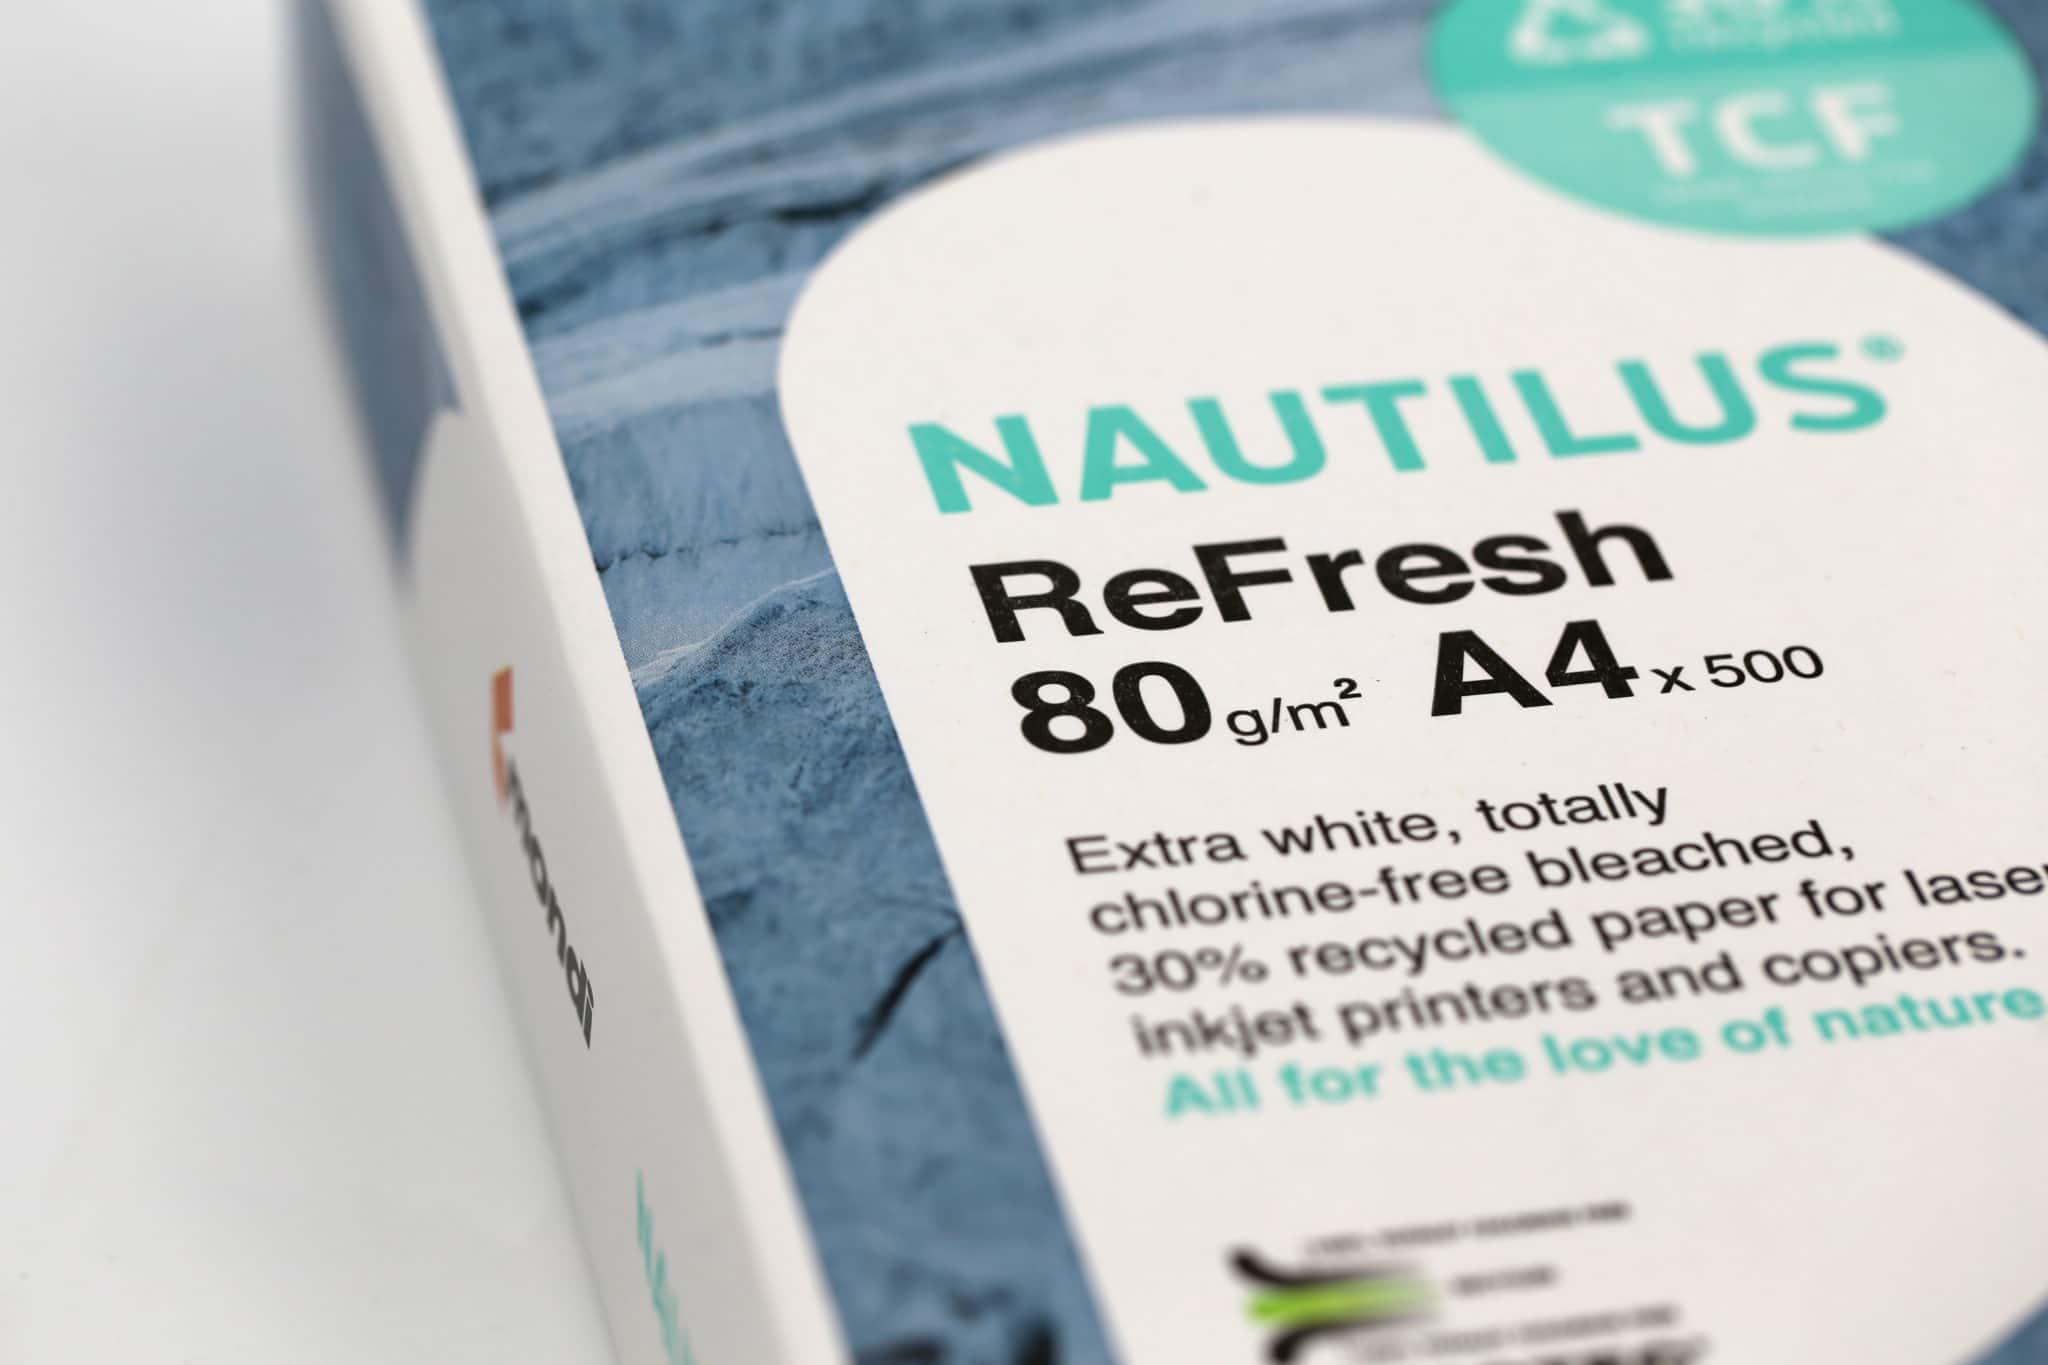 Nautilus Refresh